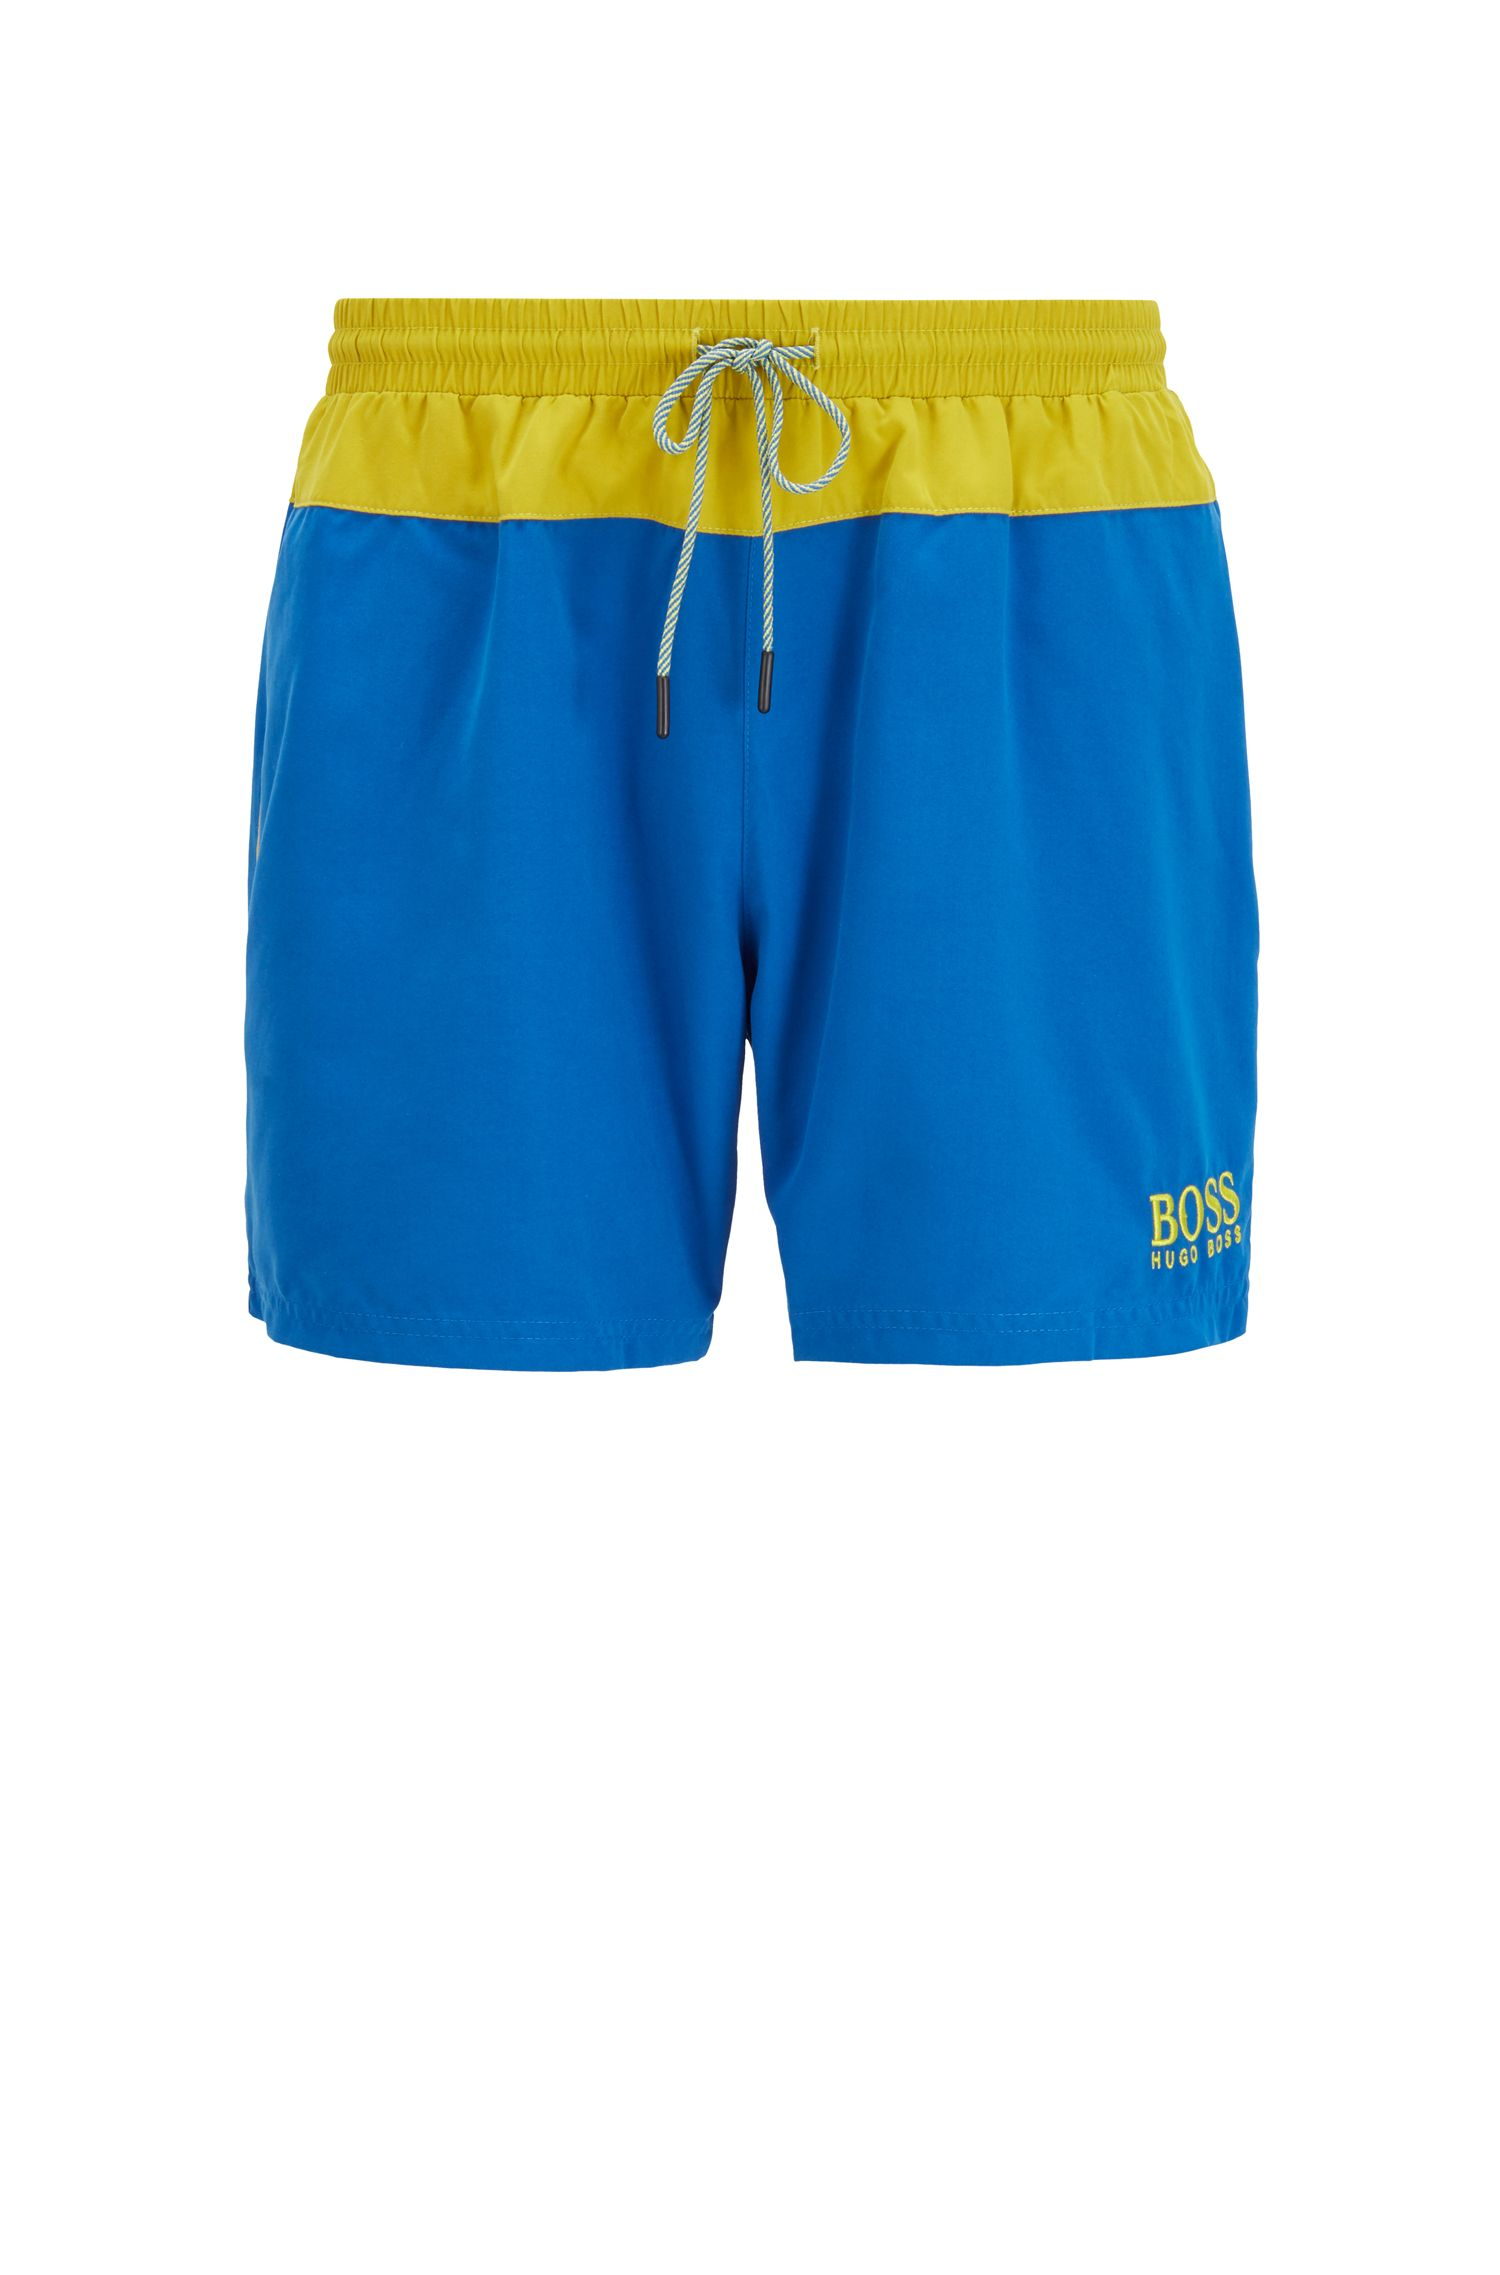 Strandset met handdoek, rugtas en zwemshort, Lichtblauw